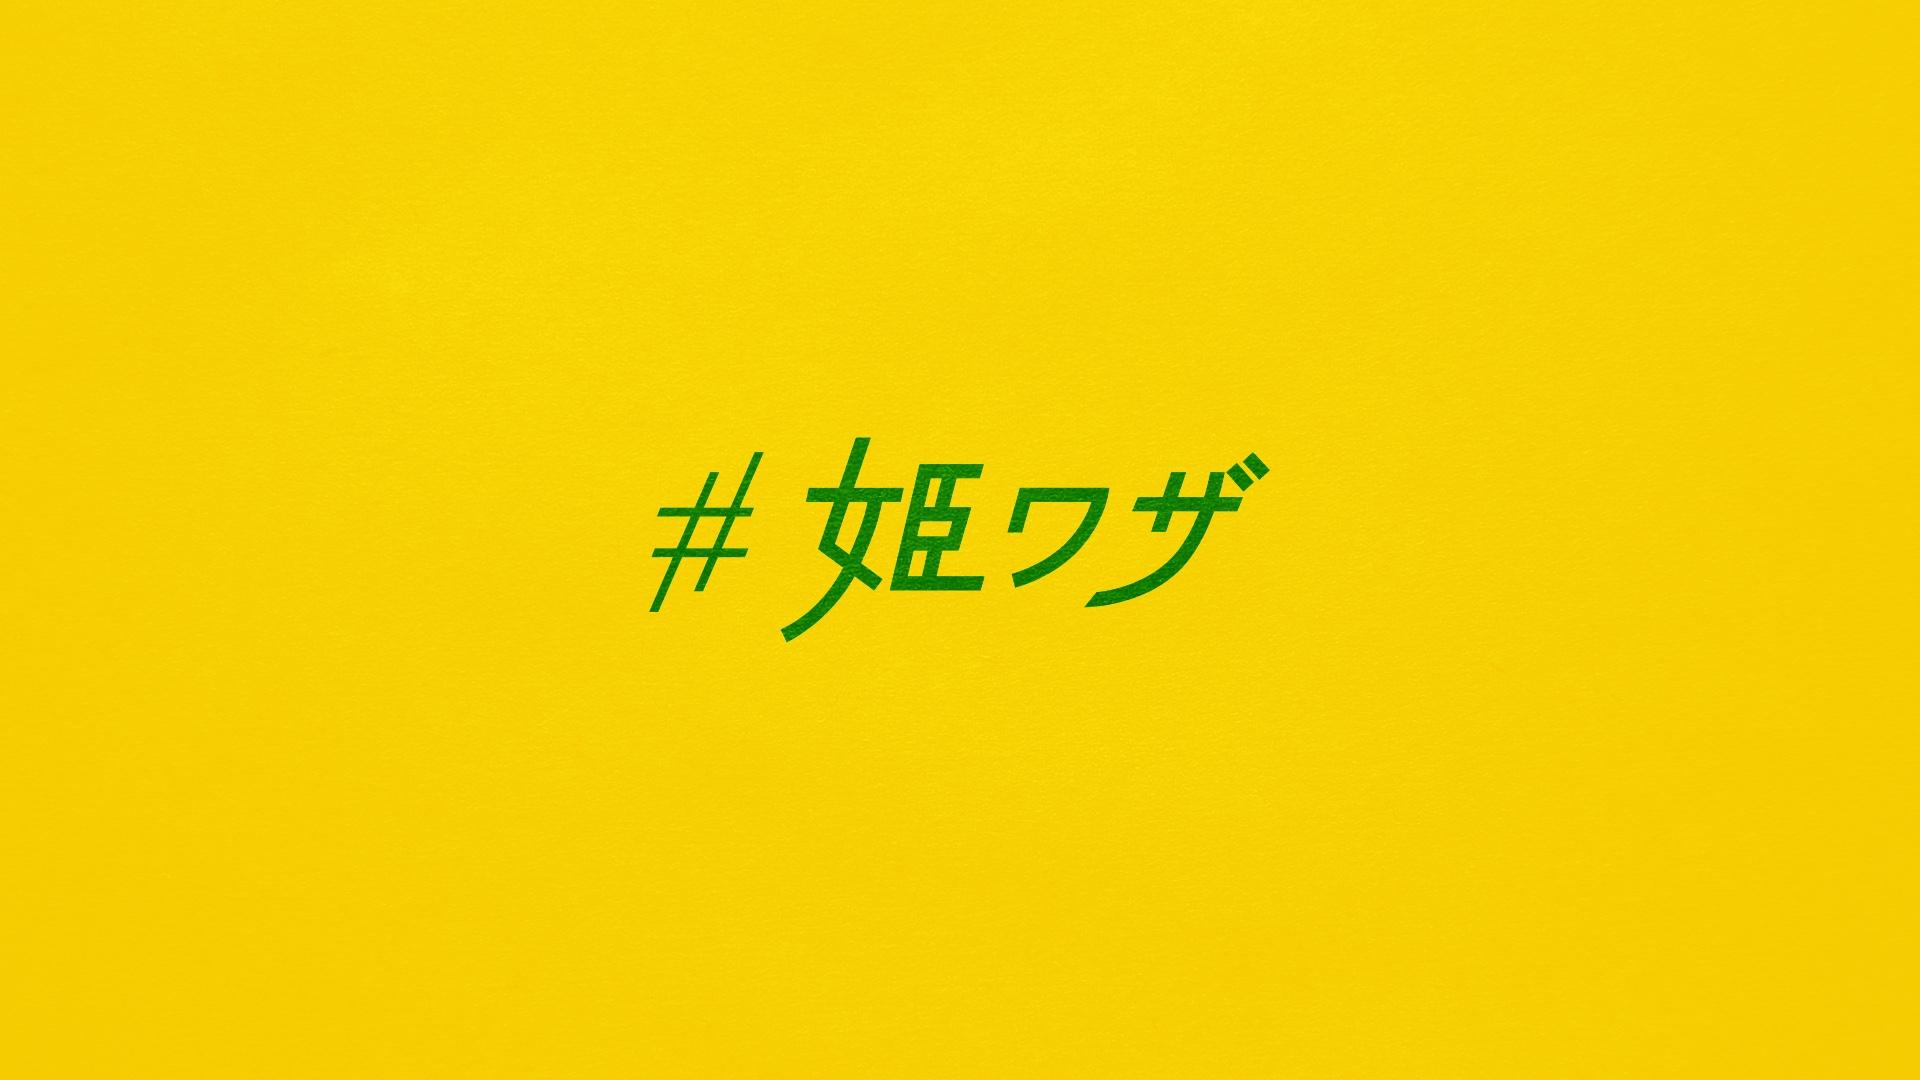 7月5日(金)25:34 O.A. <br>朝日放送<br>「#姫ワザ この夏ワンポイントで脱ダサい!」